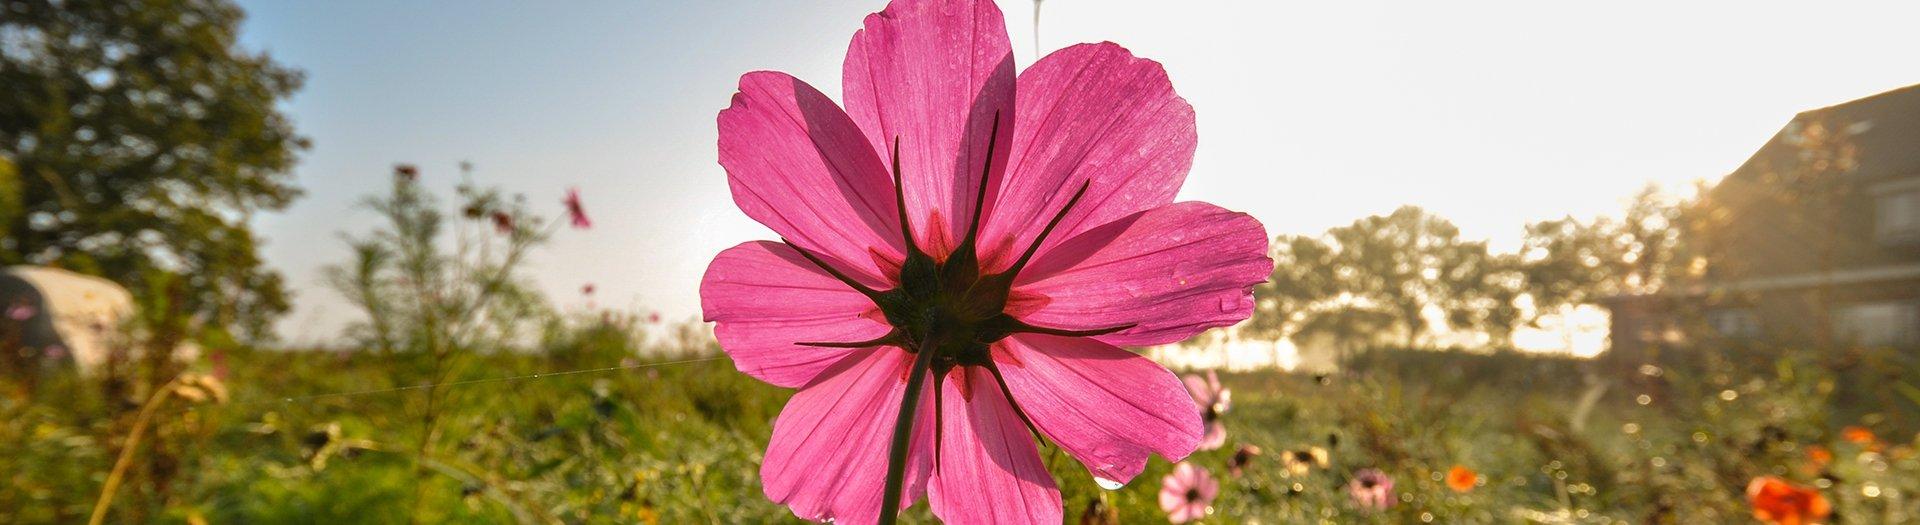 blomst-paa-mark-noergaards-hoejskole-1920-525